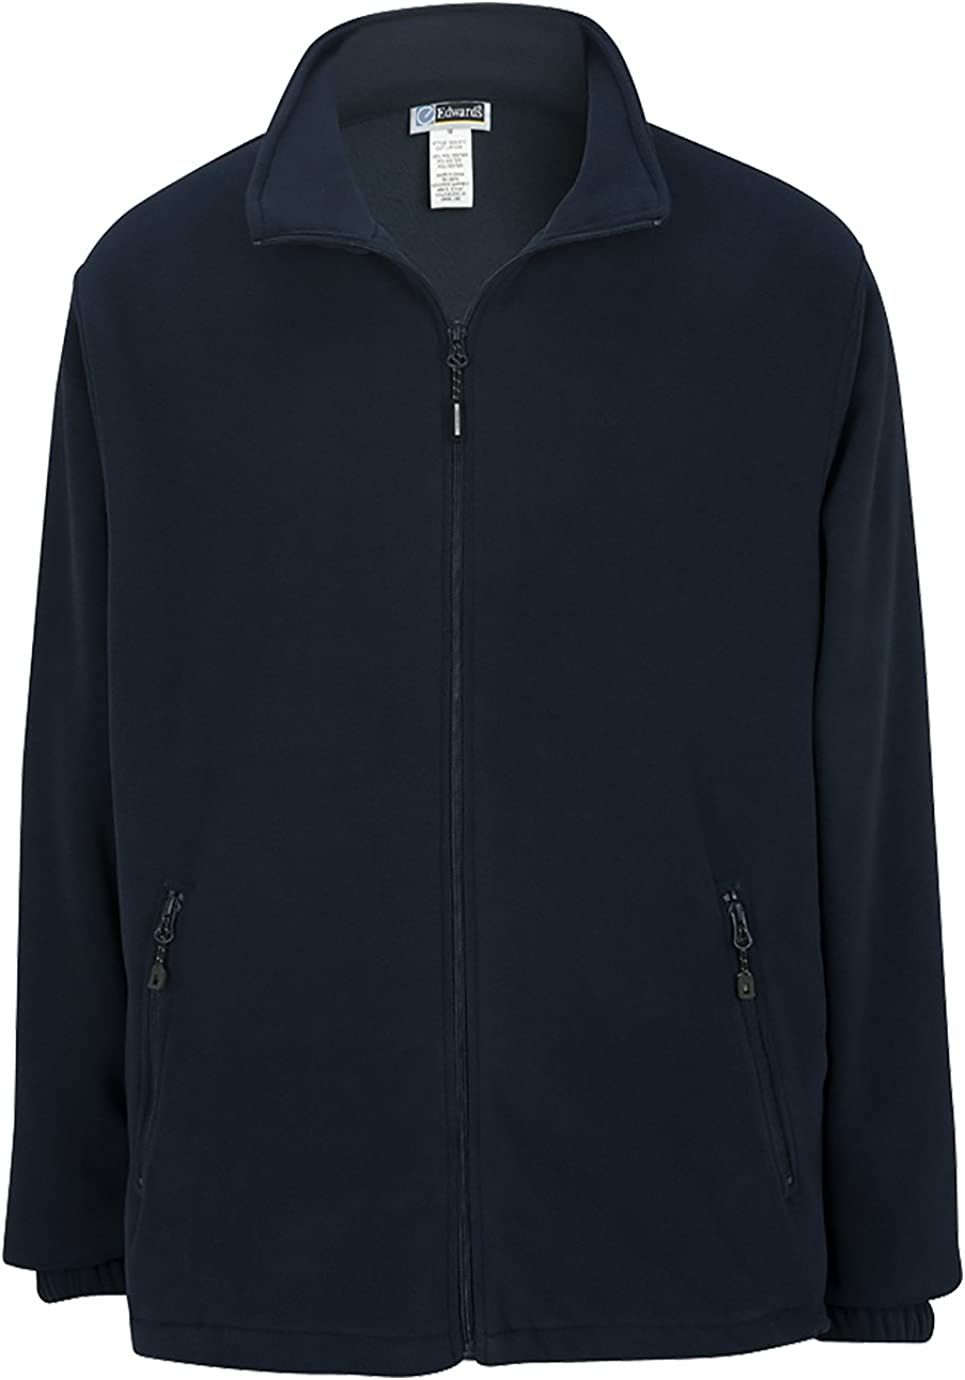 wholesale Quantity limited Edwards Microfleece Jacket